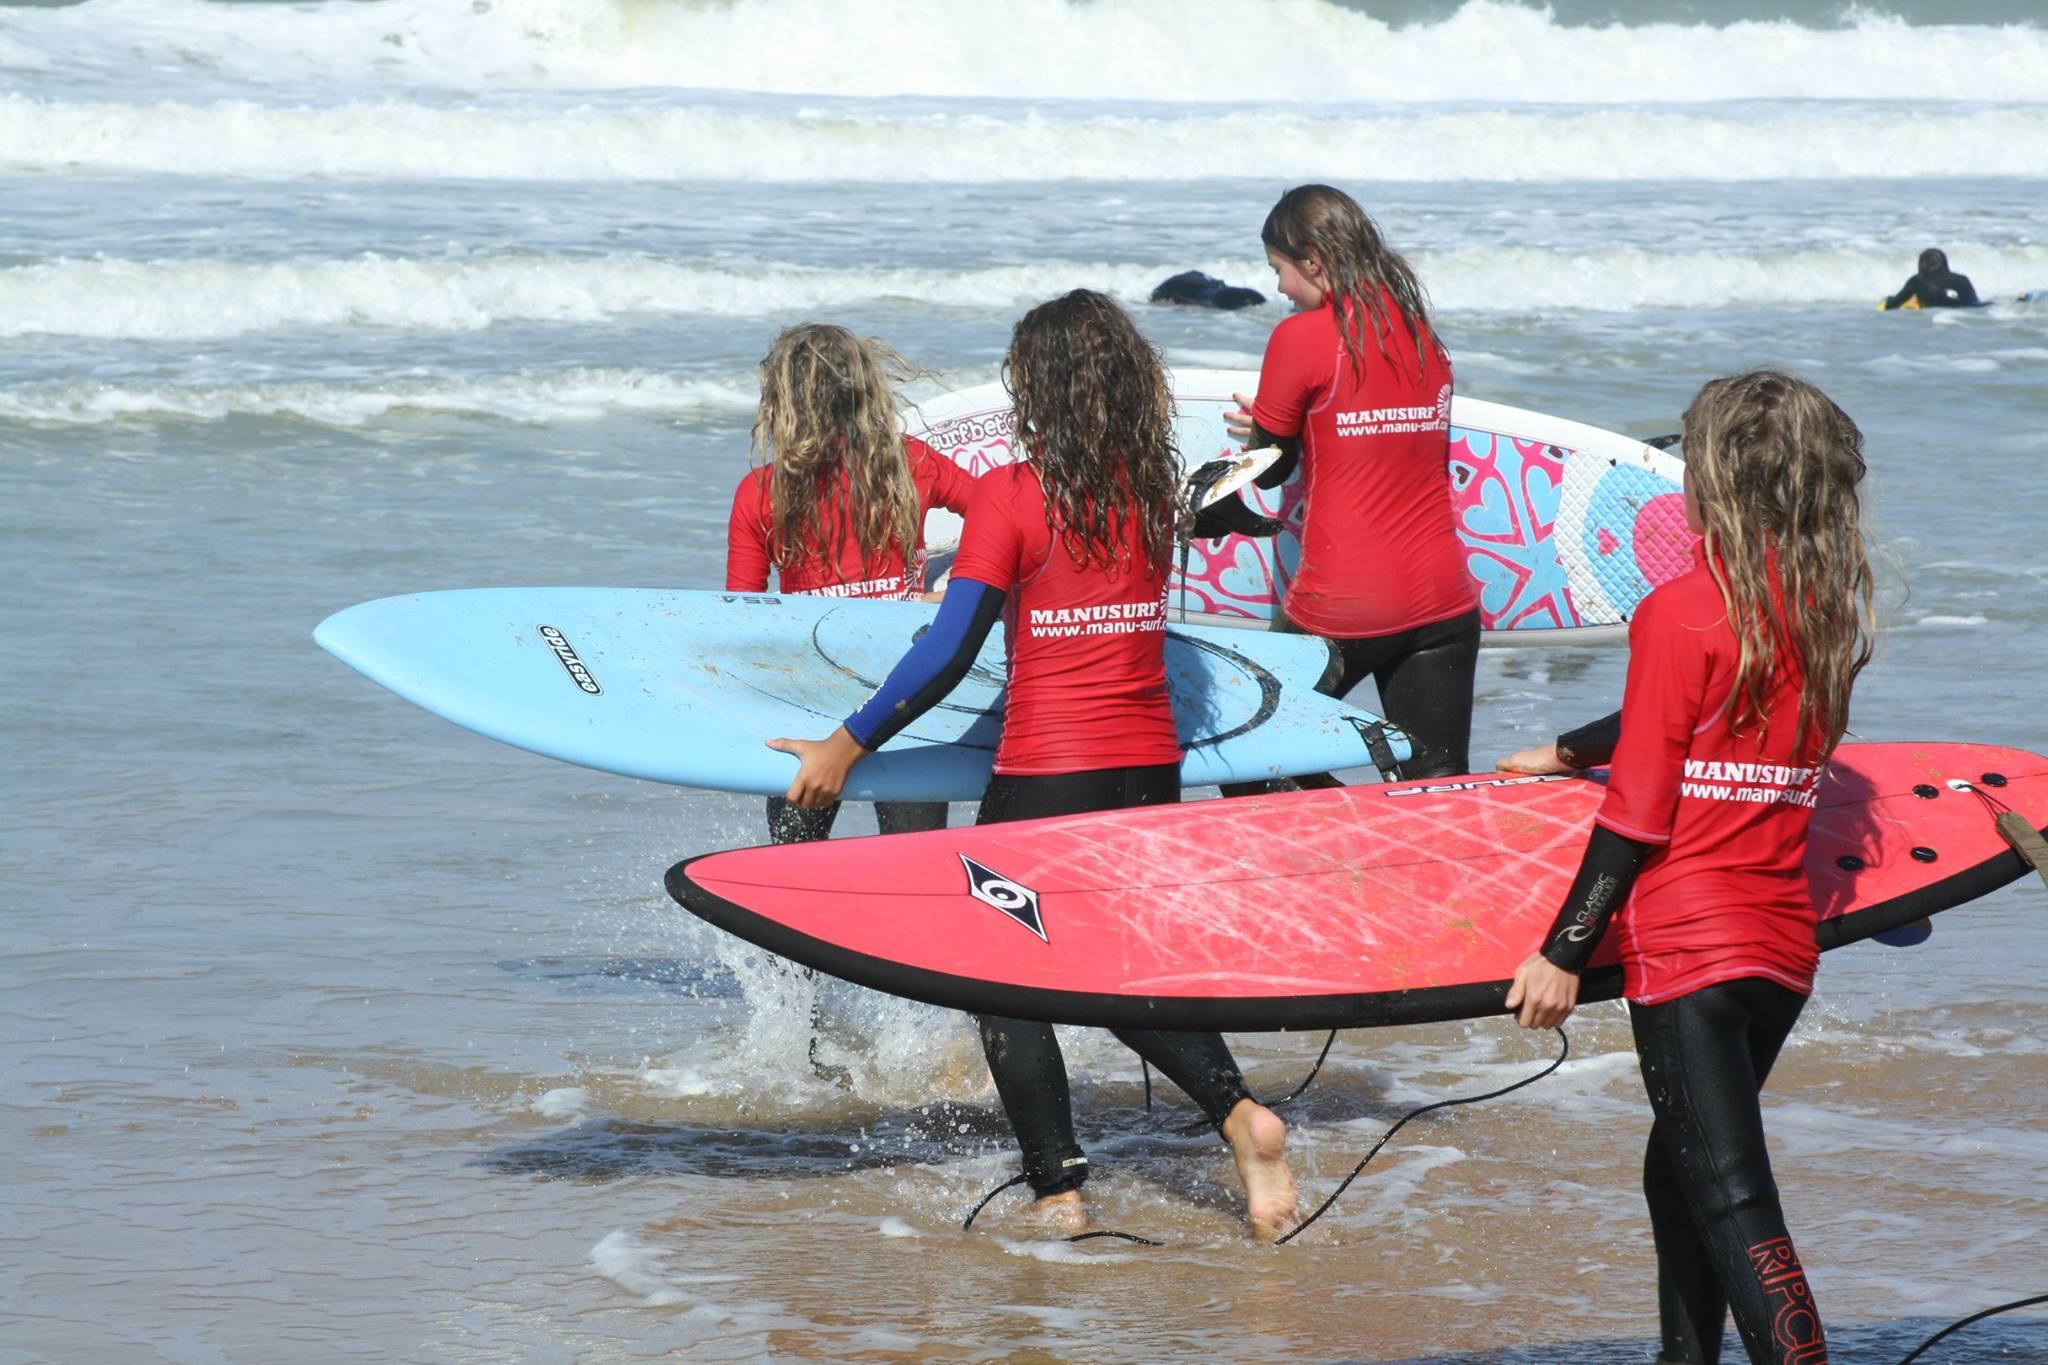 Surf camp enfants surf & skate